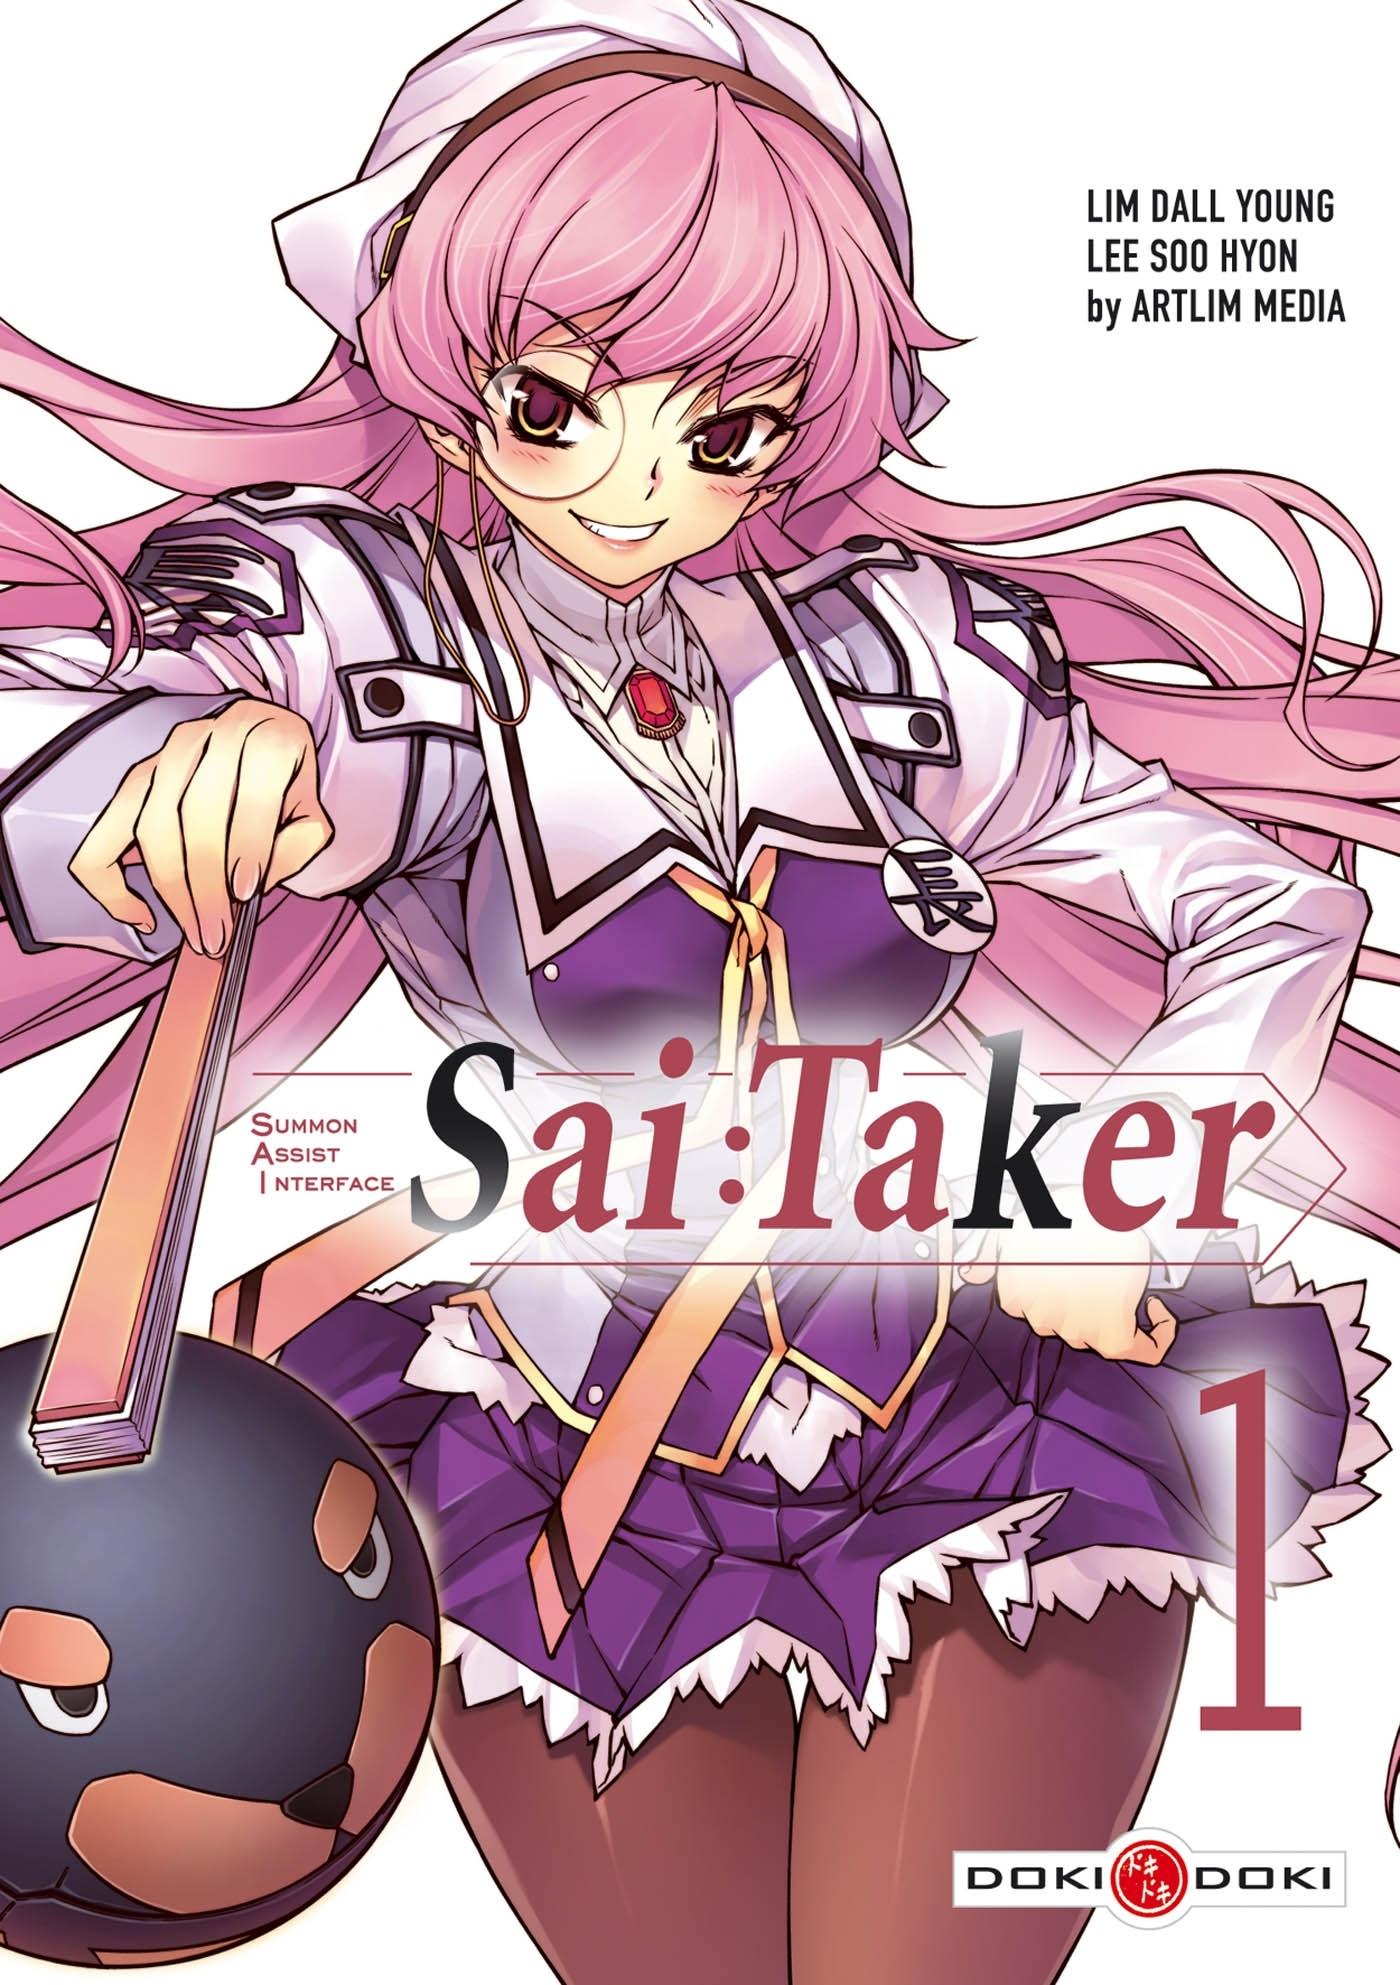 SAI TAKER - VOLUME 1